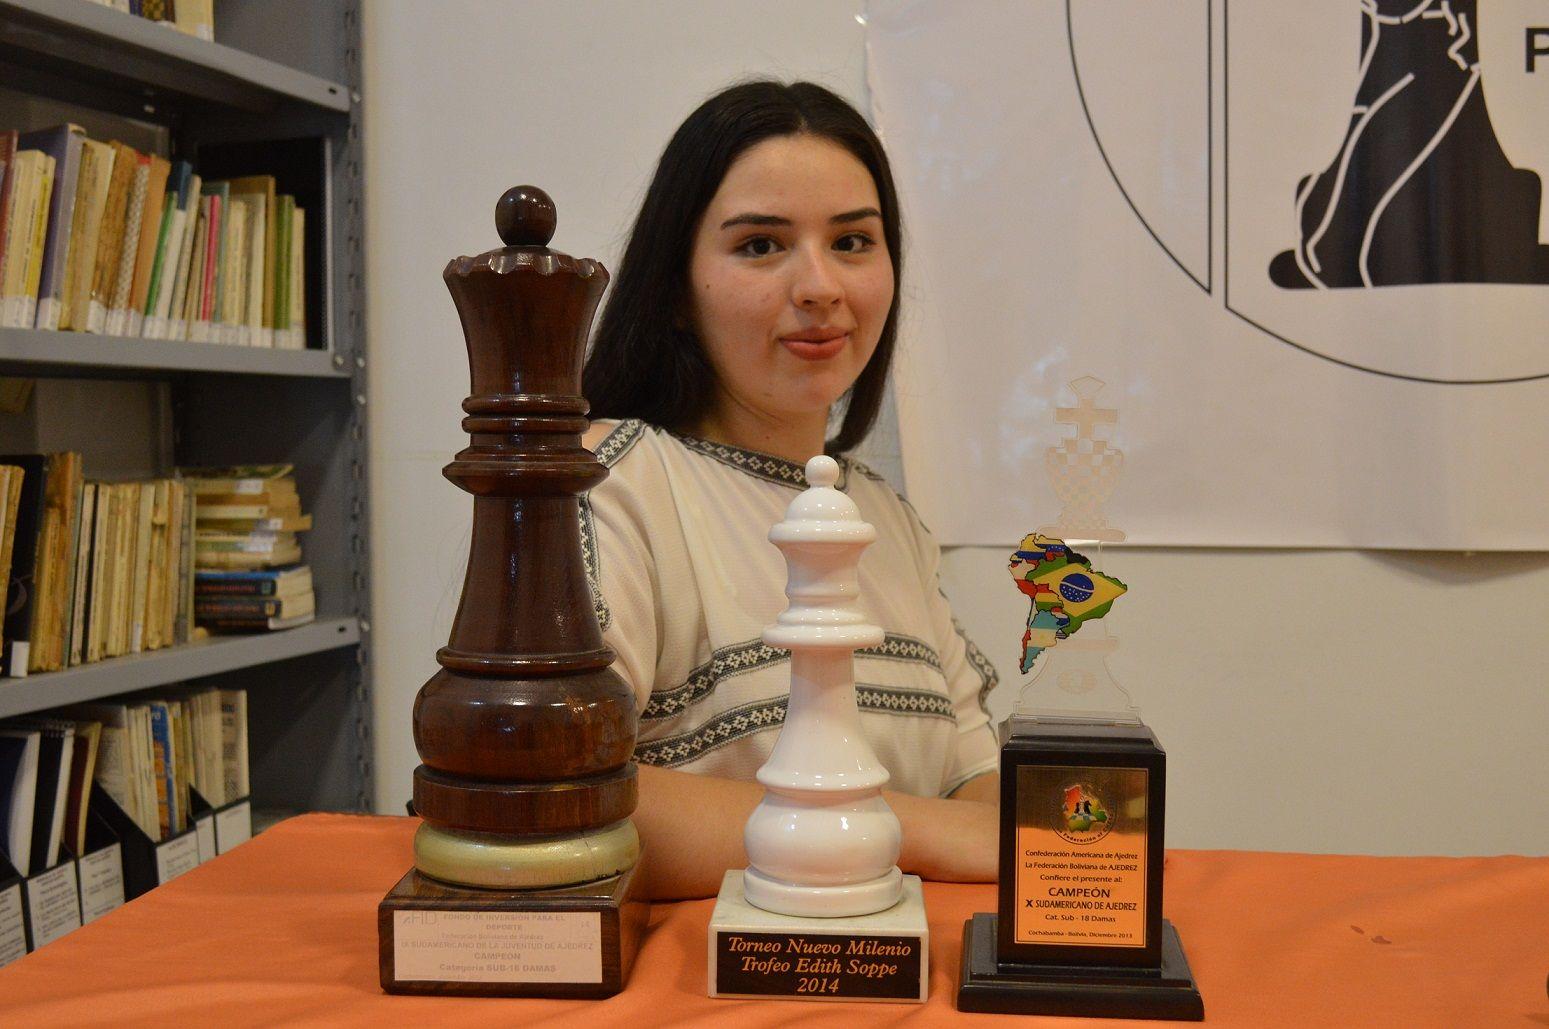 MESTRA INTERNACIONAL. La cordobesa se destaca desde niña en el mundo del ajedrez.